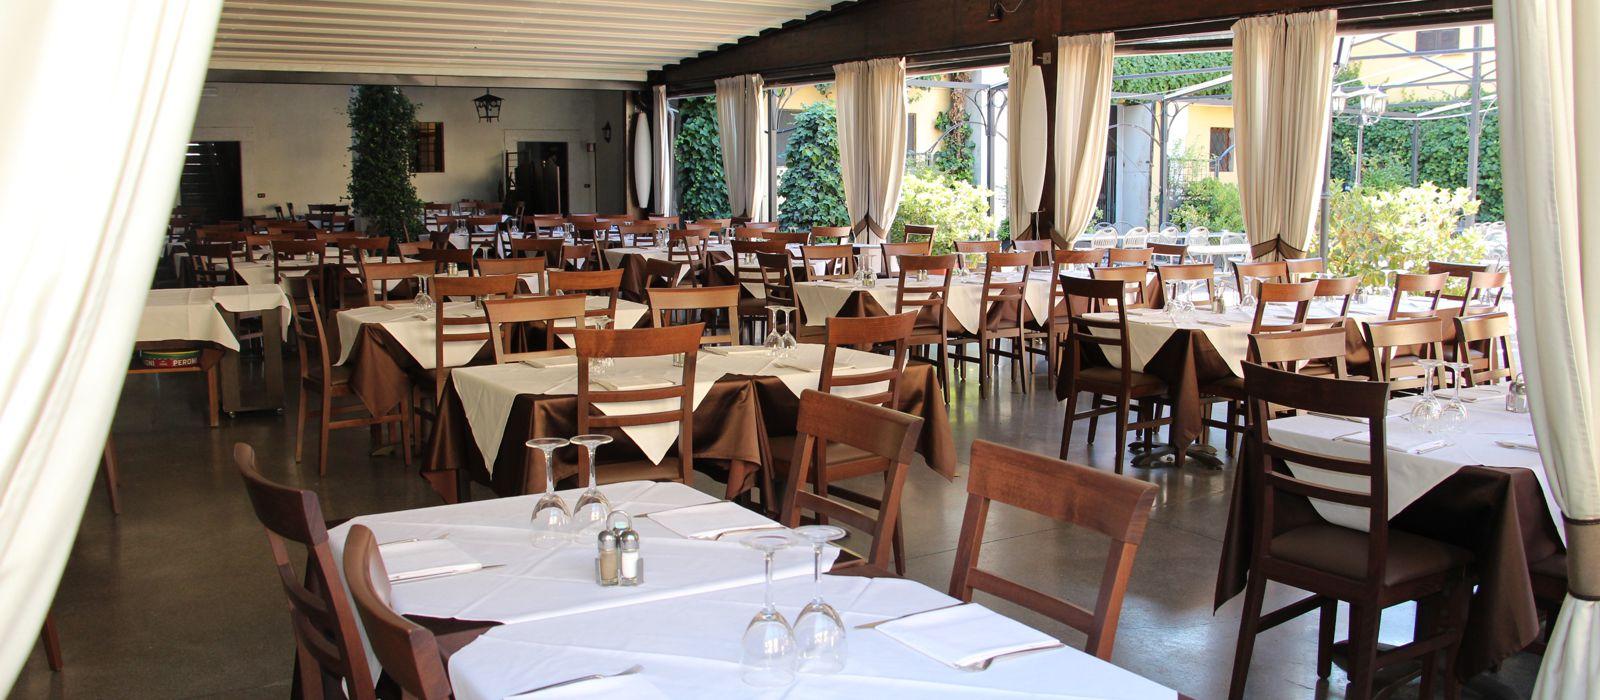 Veranda | Ristorante Olimpo - Brescia